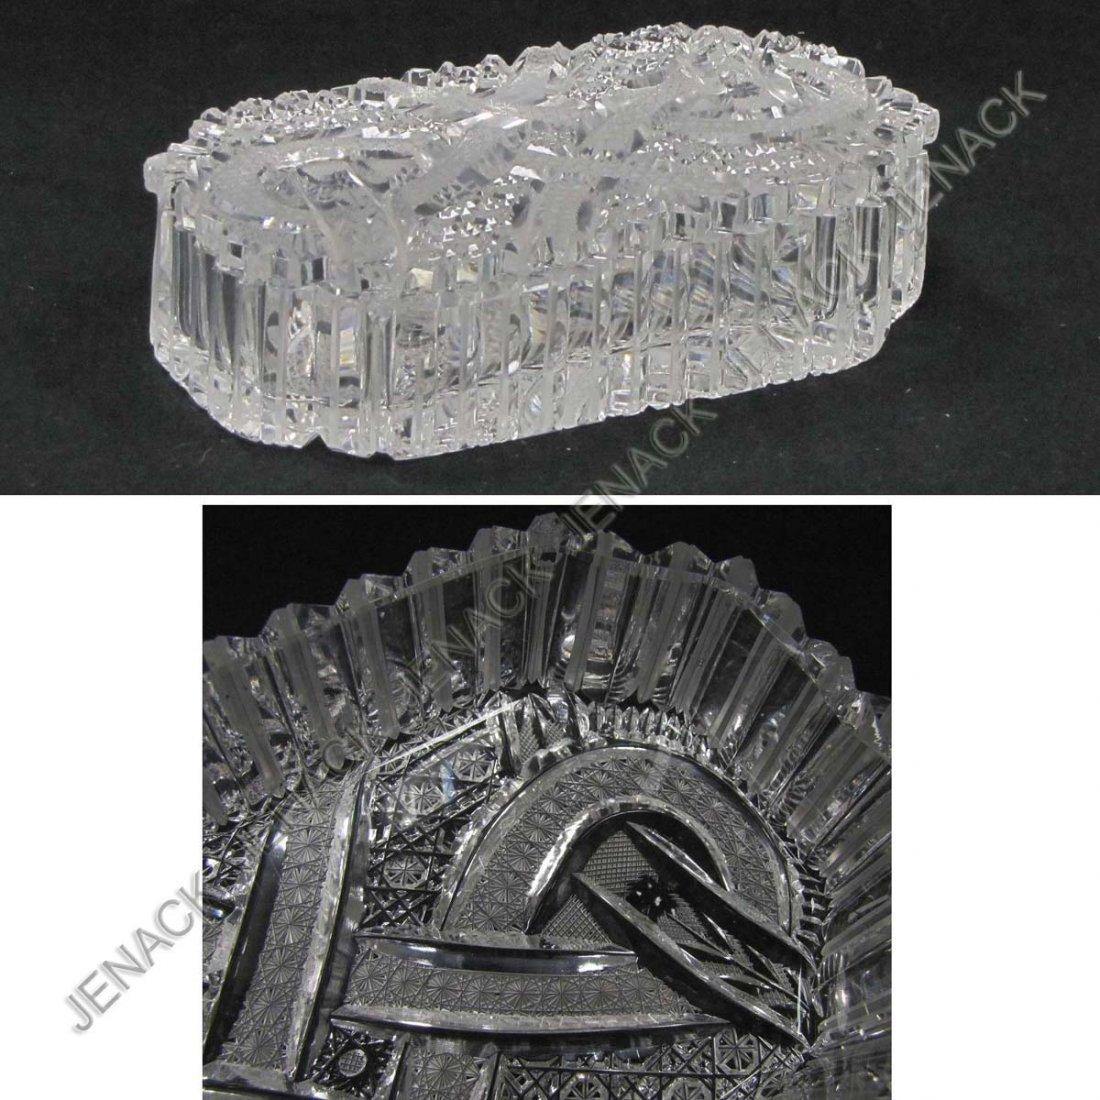 6: FINE AMERICAN BRILLIANT CUT GLASS COVERED BOX